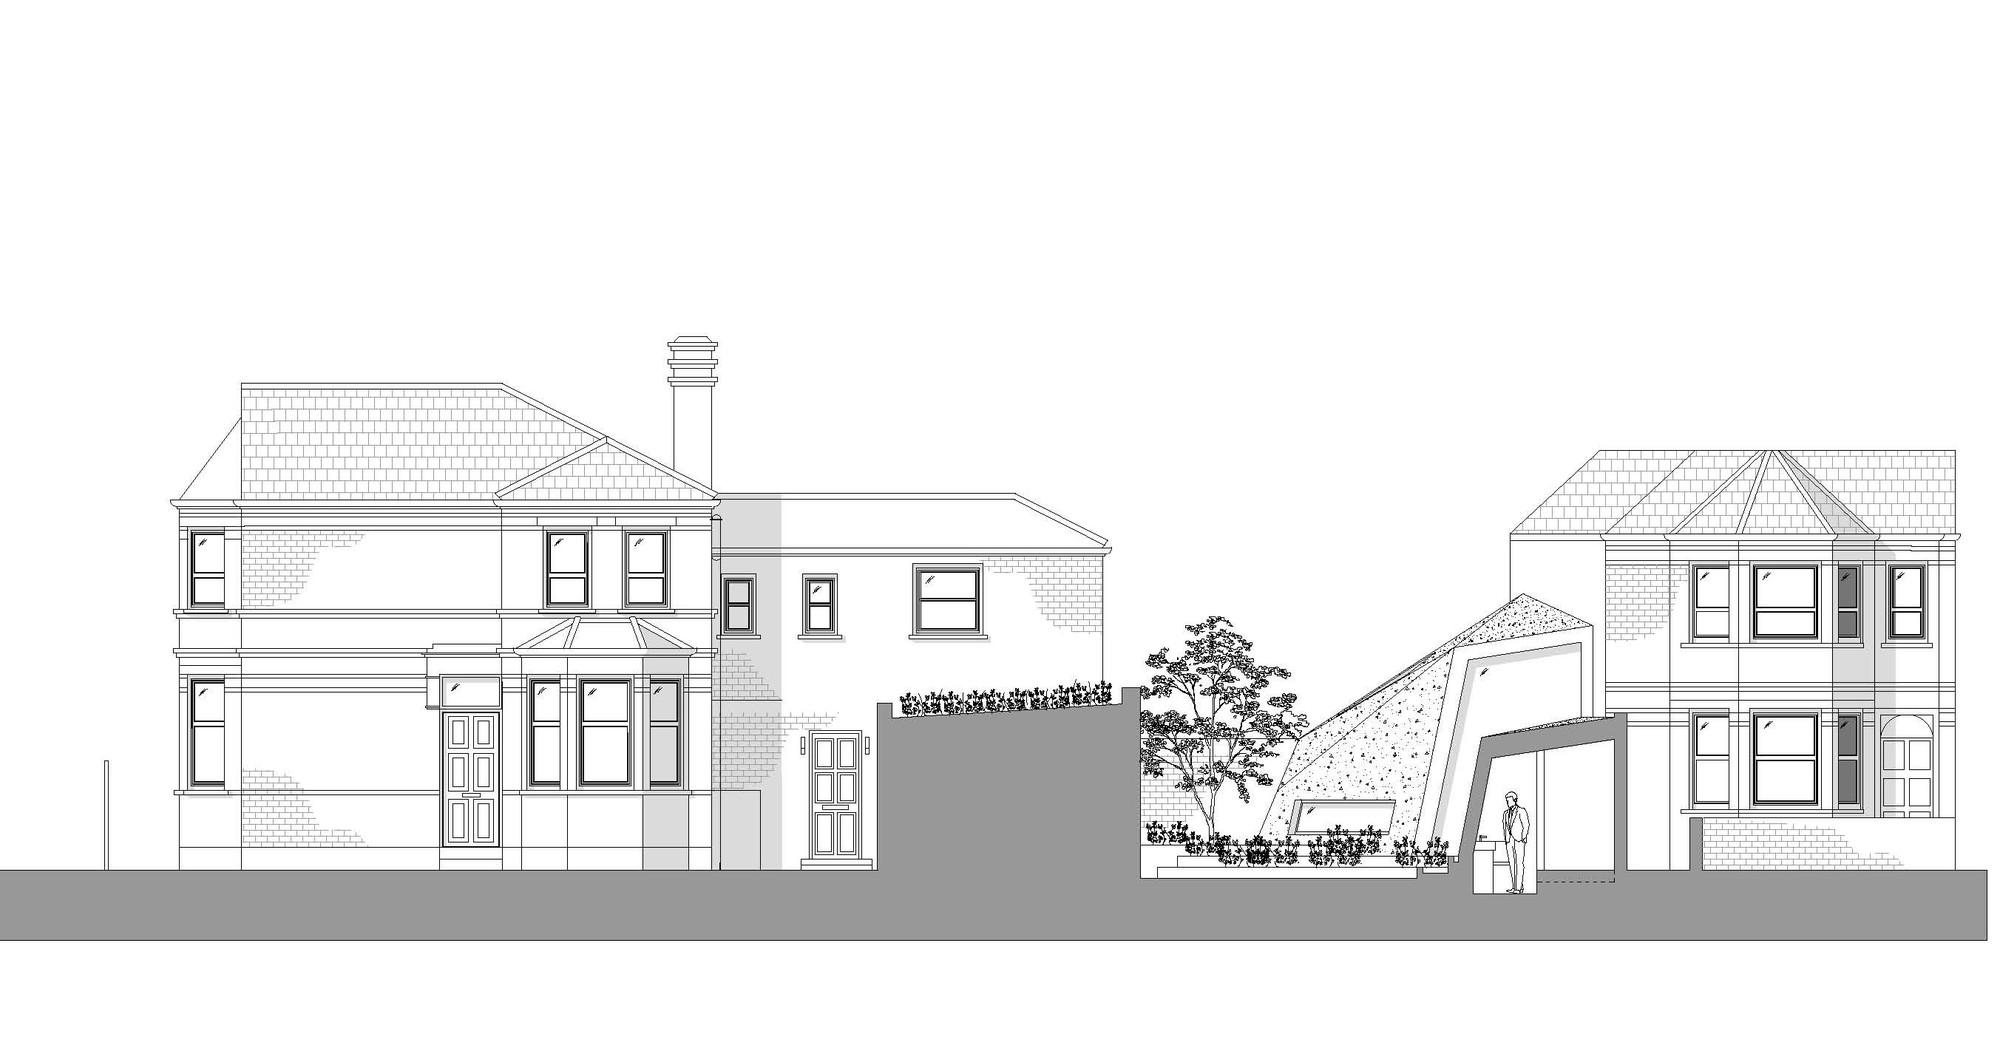 Galer a de estudio verde fraher arquitectos 21 - Estudio 3 arquitectos ...